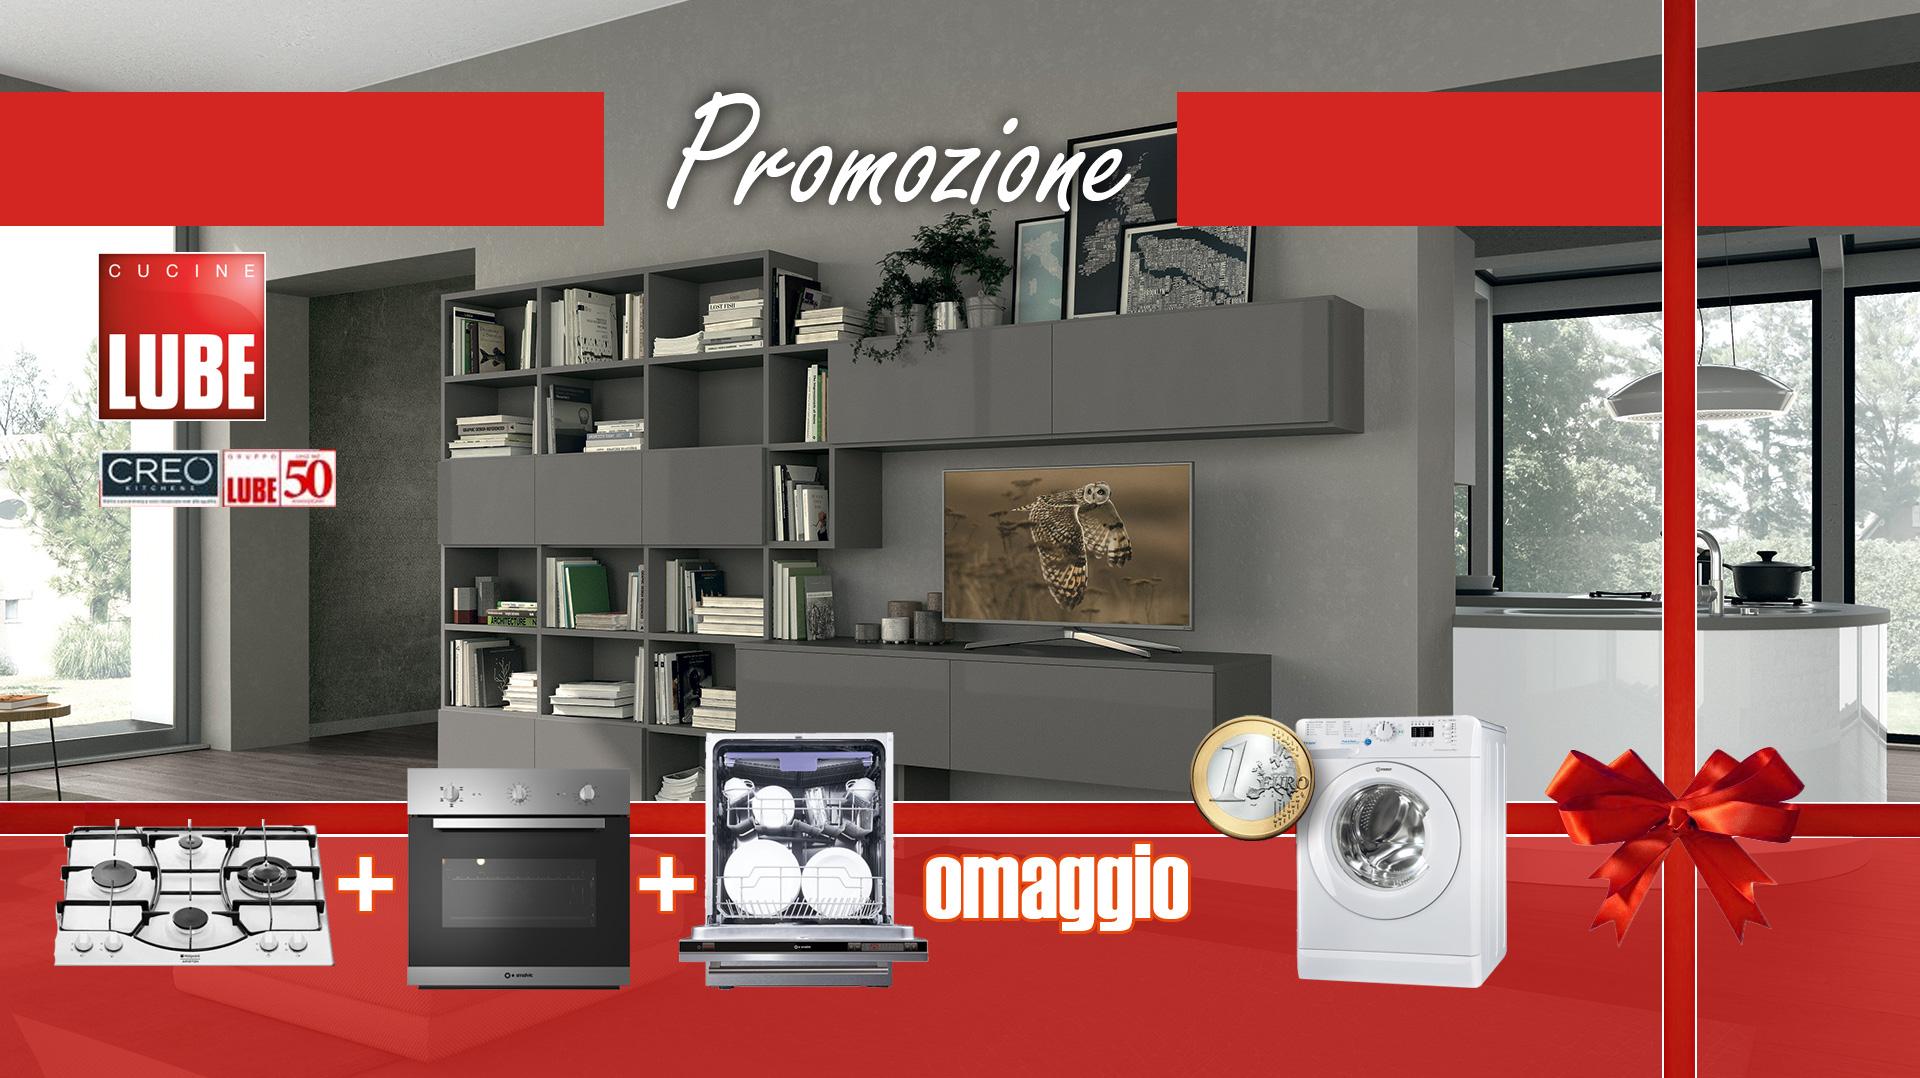 Promozione Creo Cucine | Cucine Lube Roma